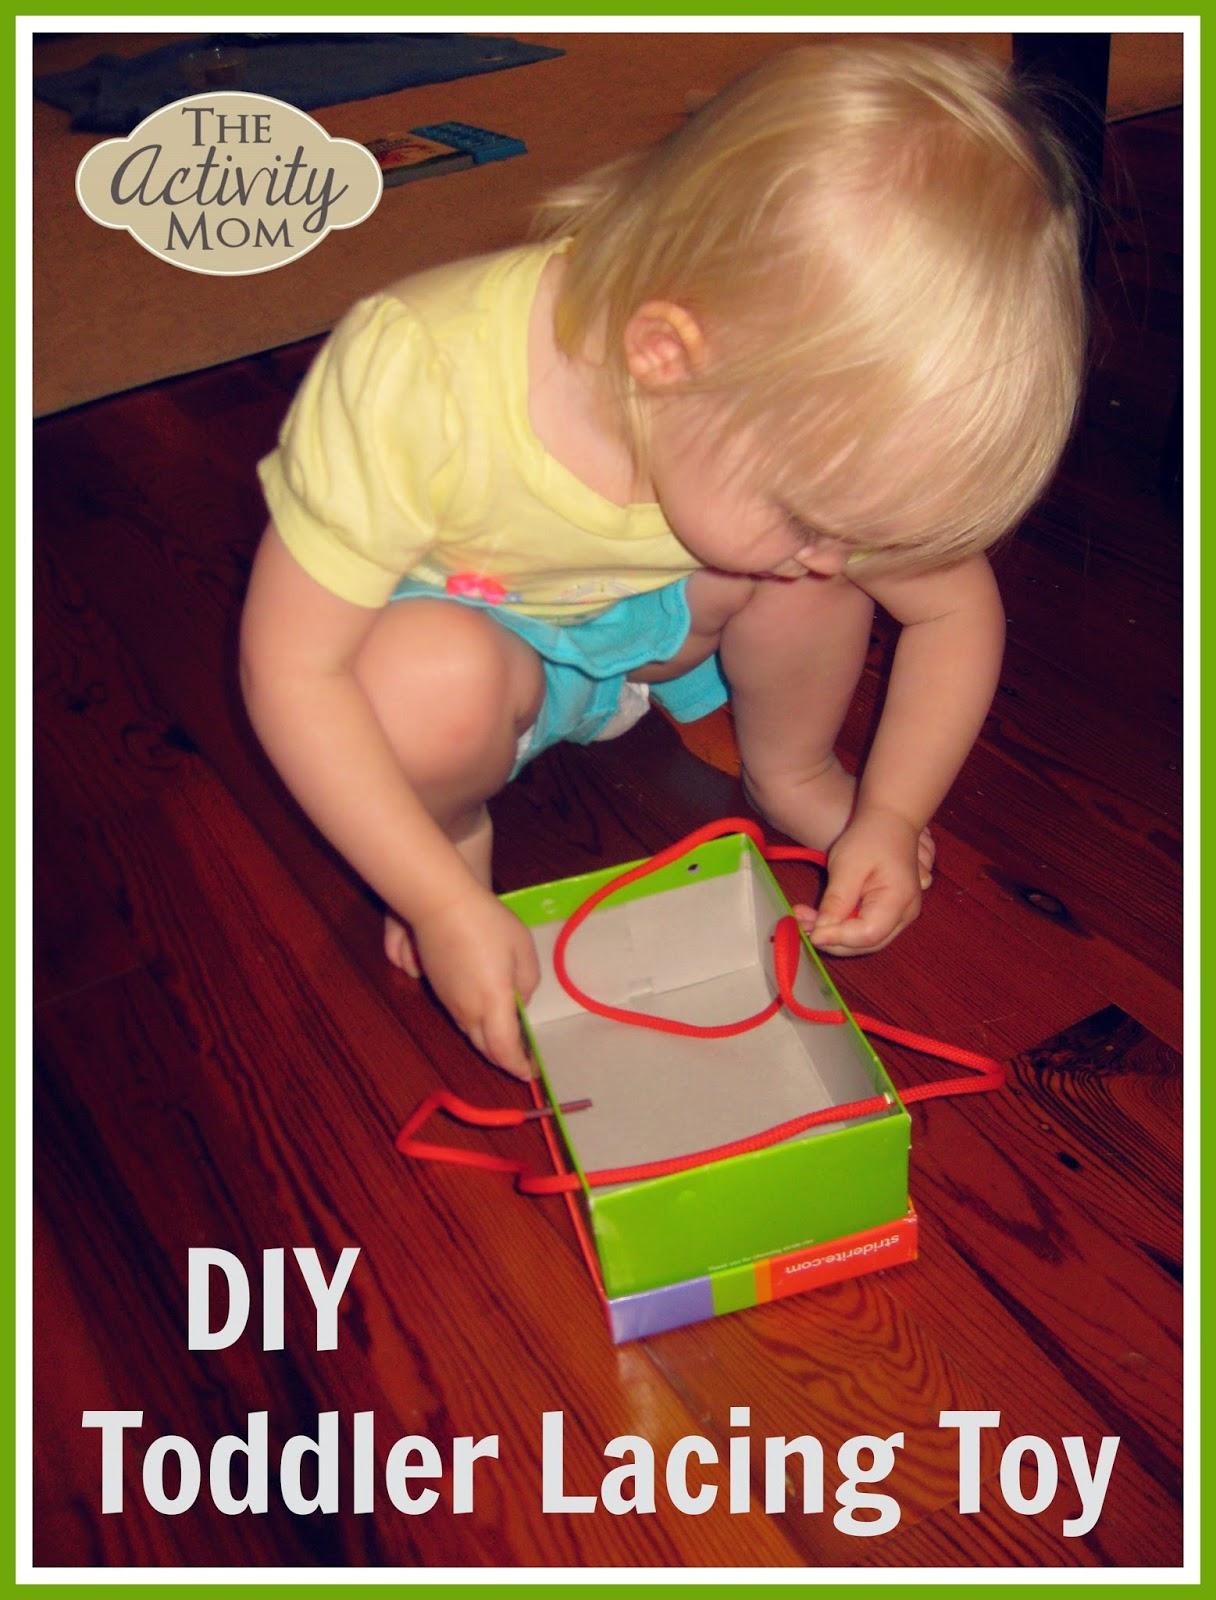 DIY Toddler Lacing Toy